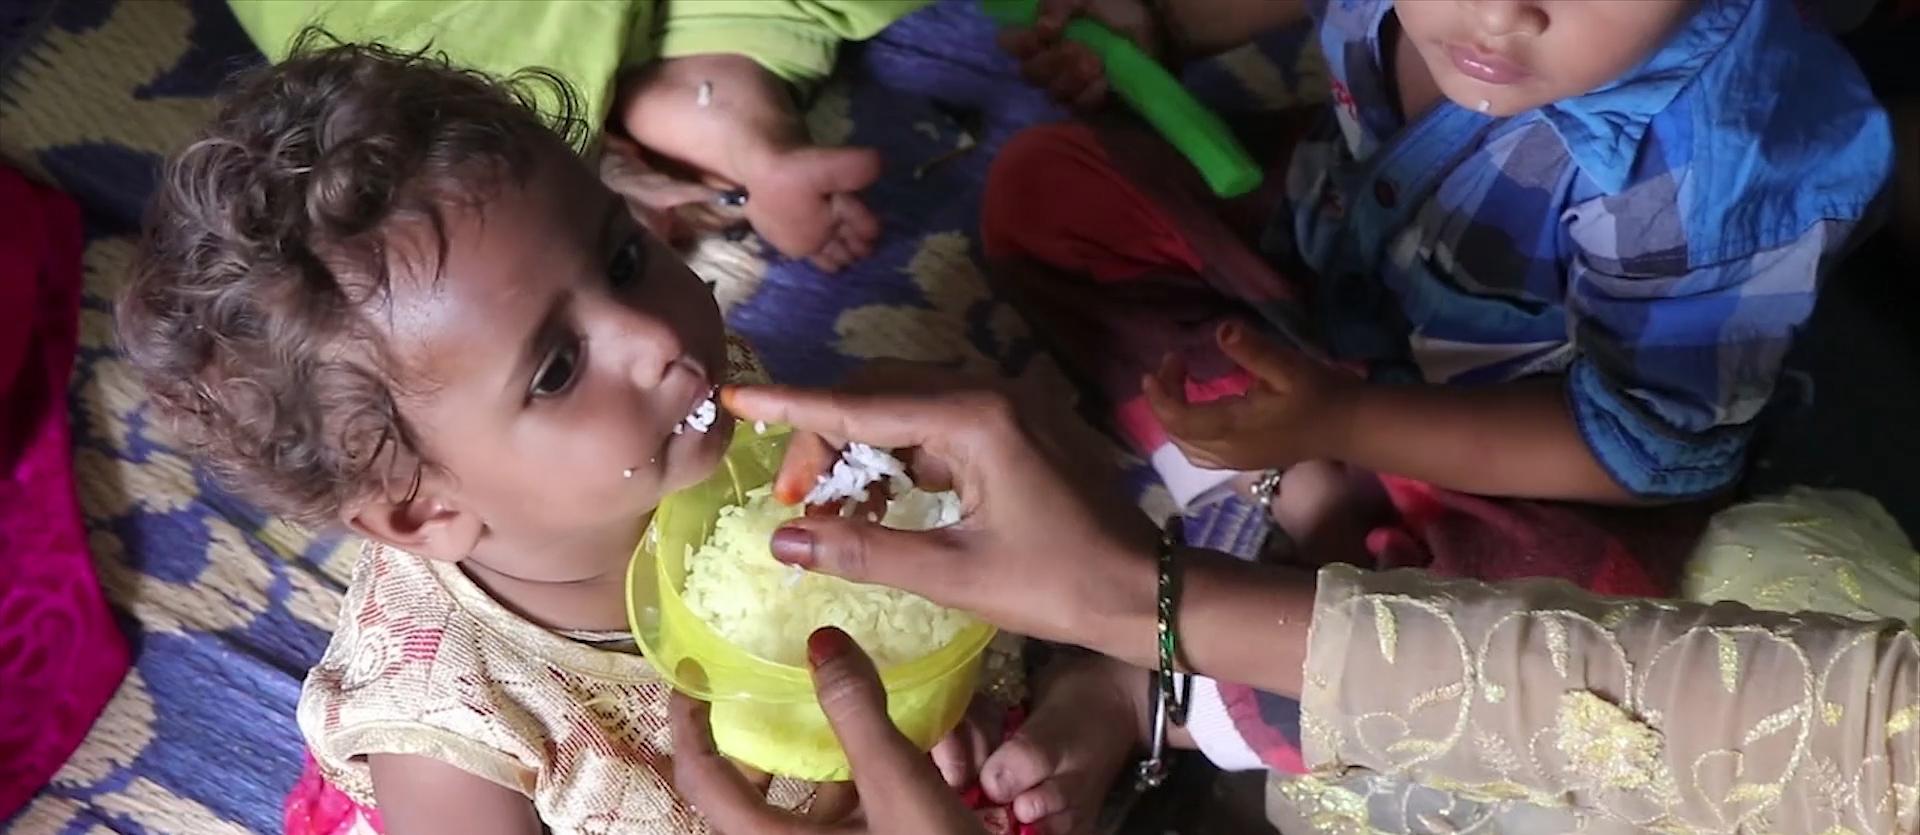 Inde Malnutrition